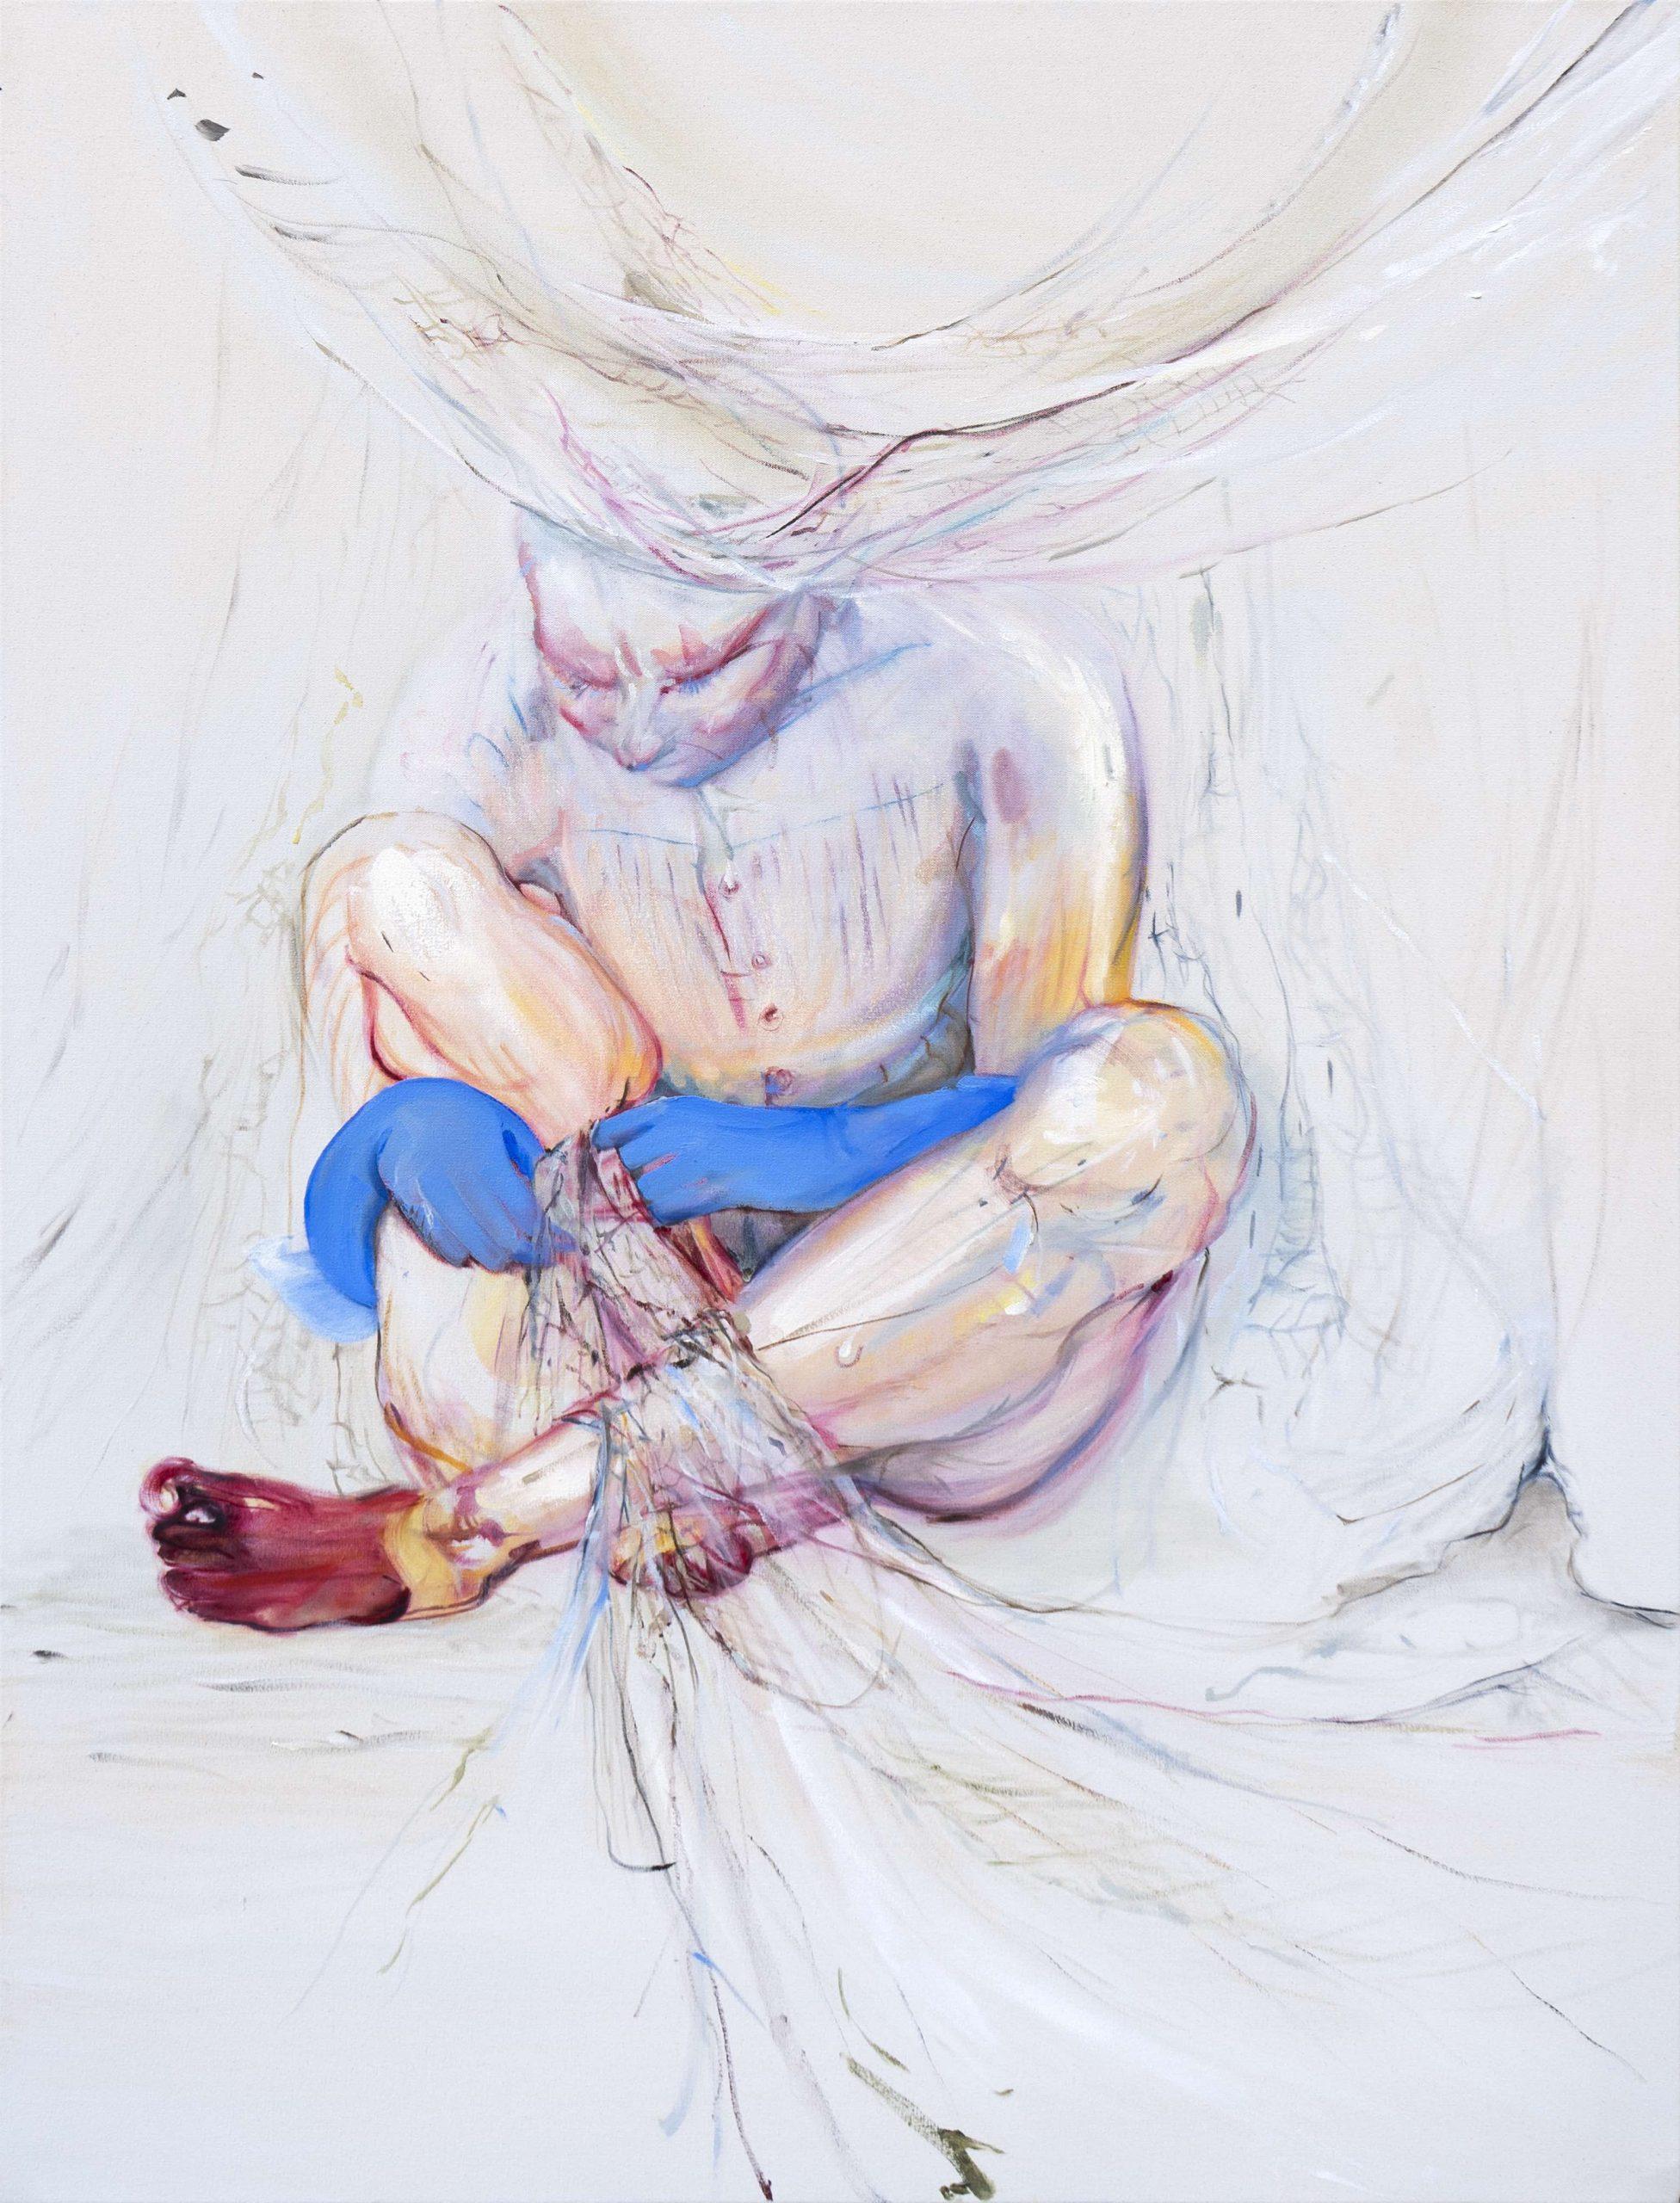 1mb Araminta Blue_Threading the net_107 x 82 cm_oil on canvas_2019